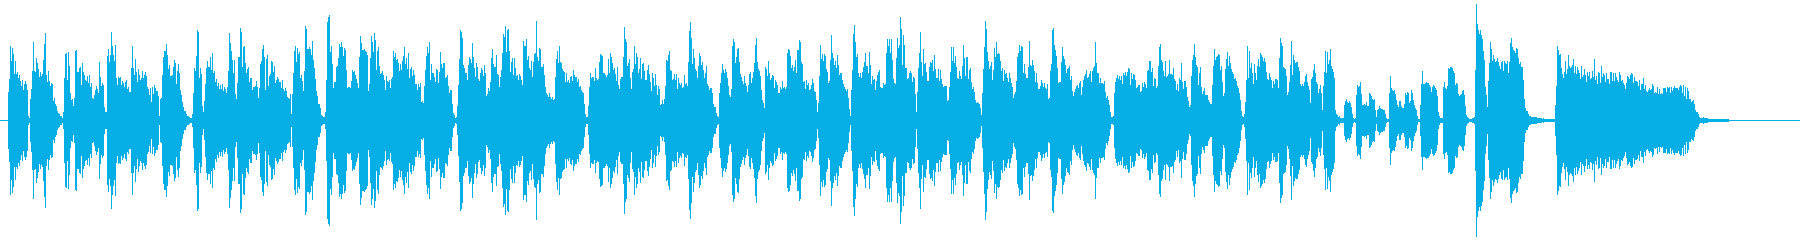 ほのぼのブルージーなオルガンBGM2の再生済みの波形